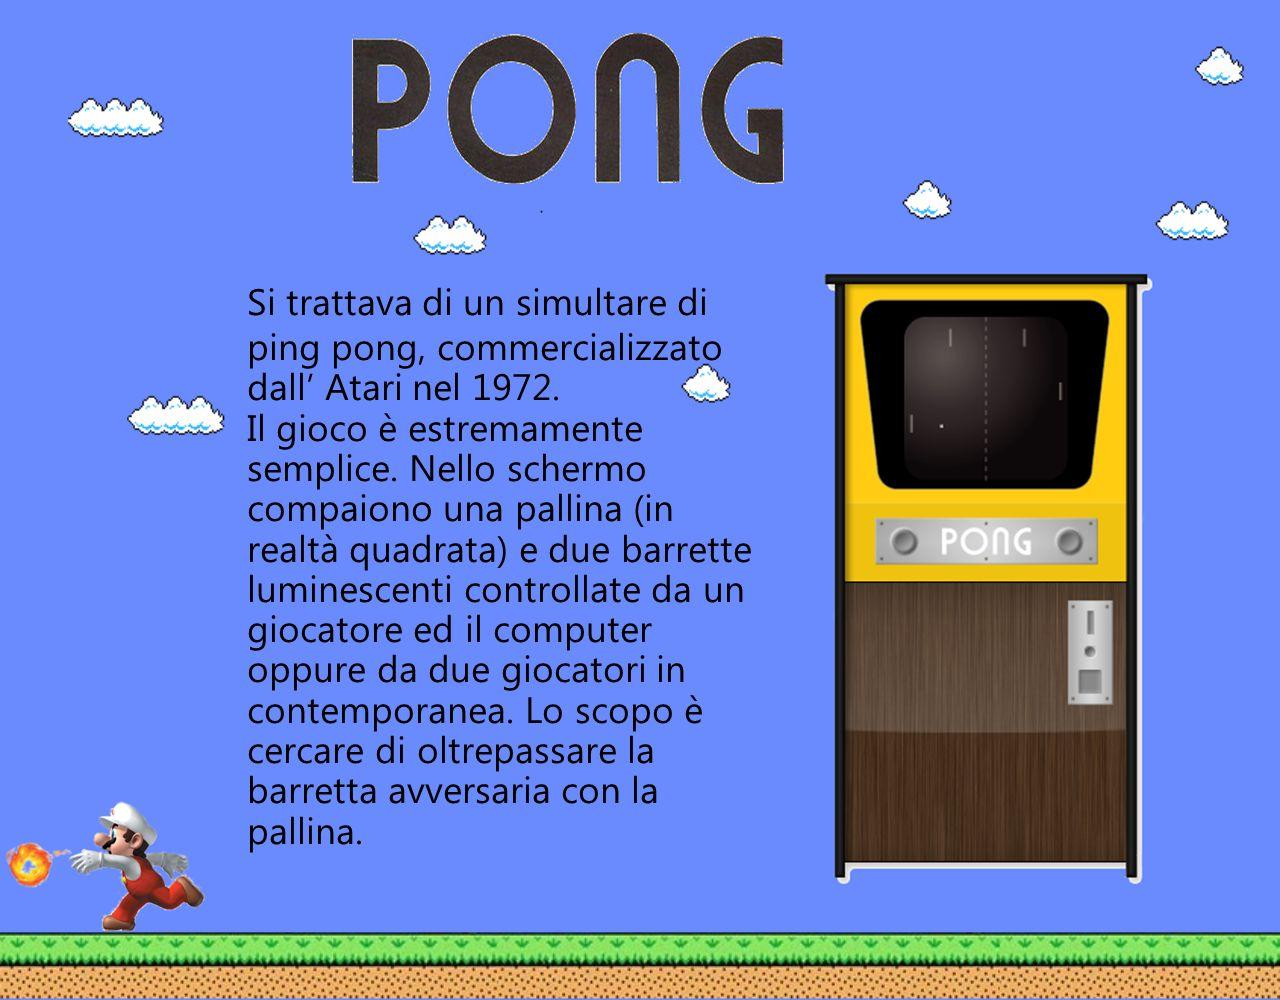 Si trattava di un simultare di ping pong, commercializzato dall Atari nel 1972. Il gioco è estremamente semplice. Nello schermo compaiono una pallina